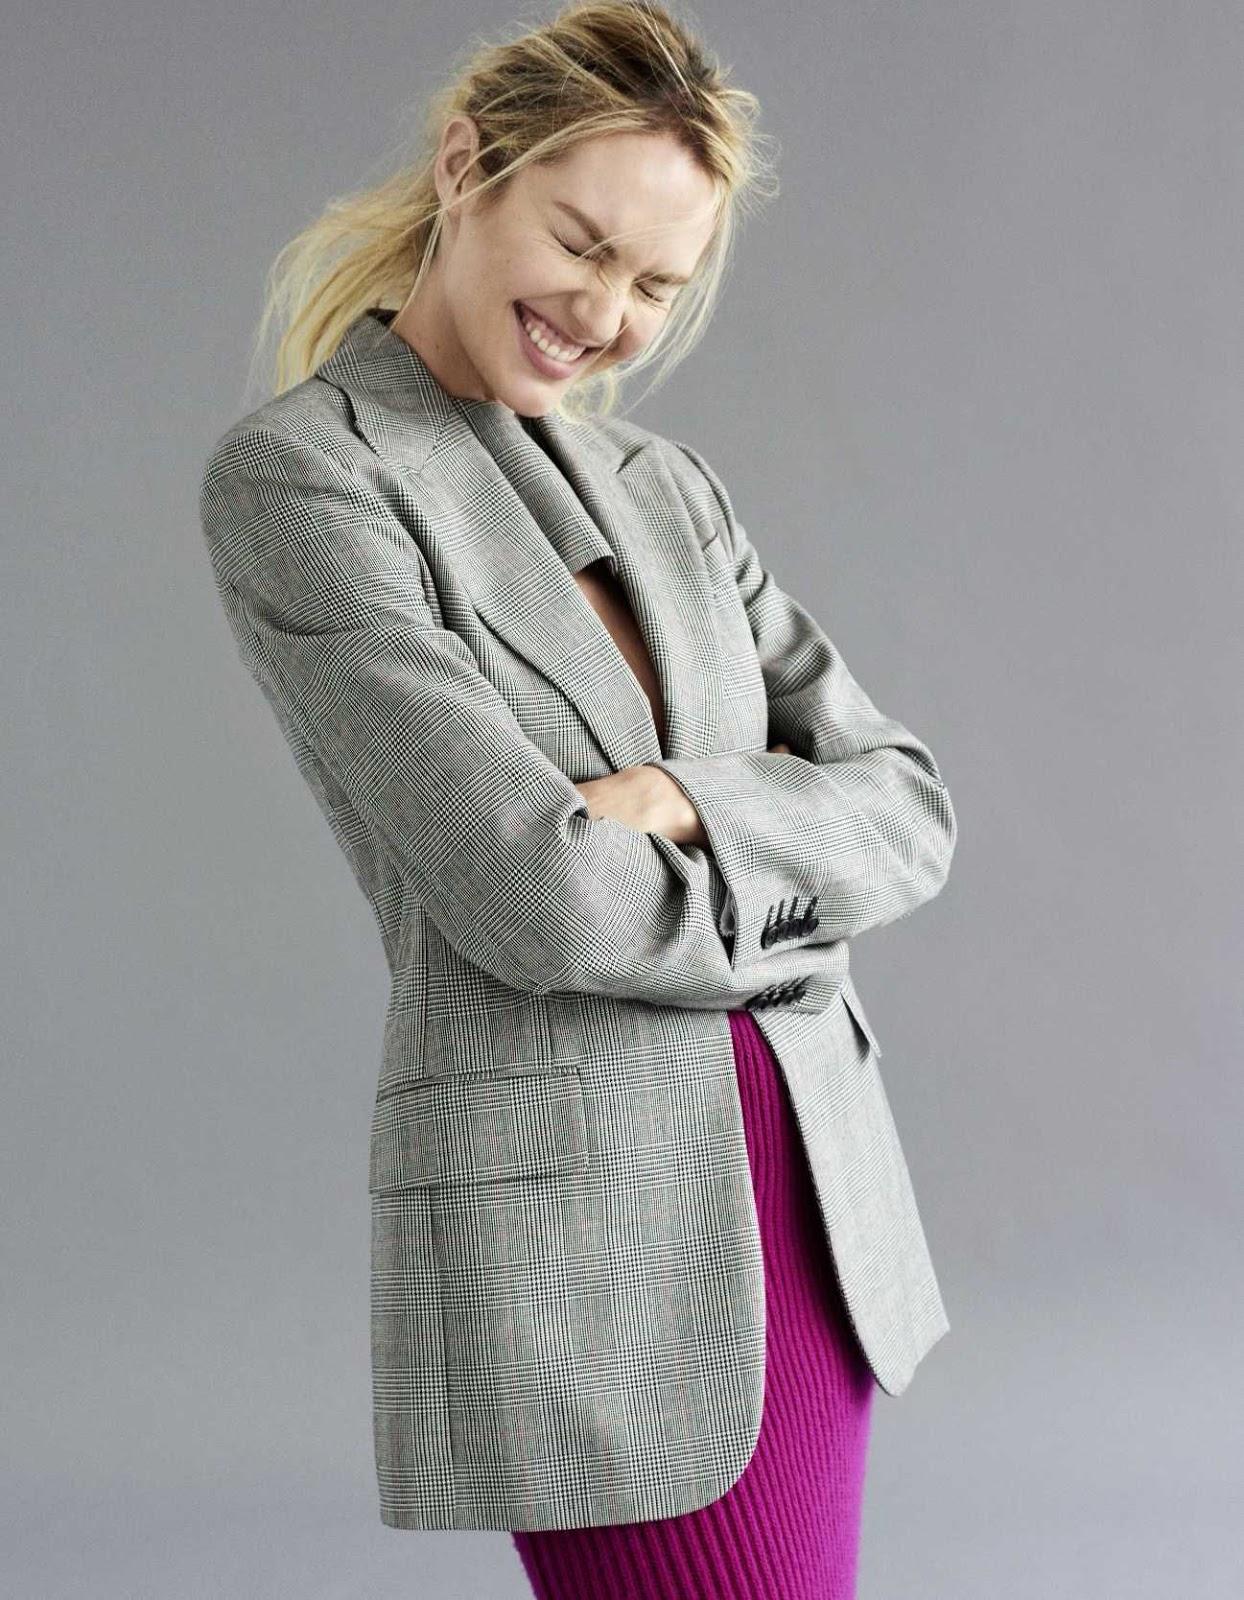 Elle Russia October 2017-10.jpg